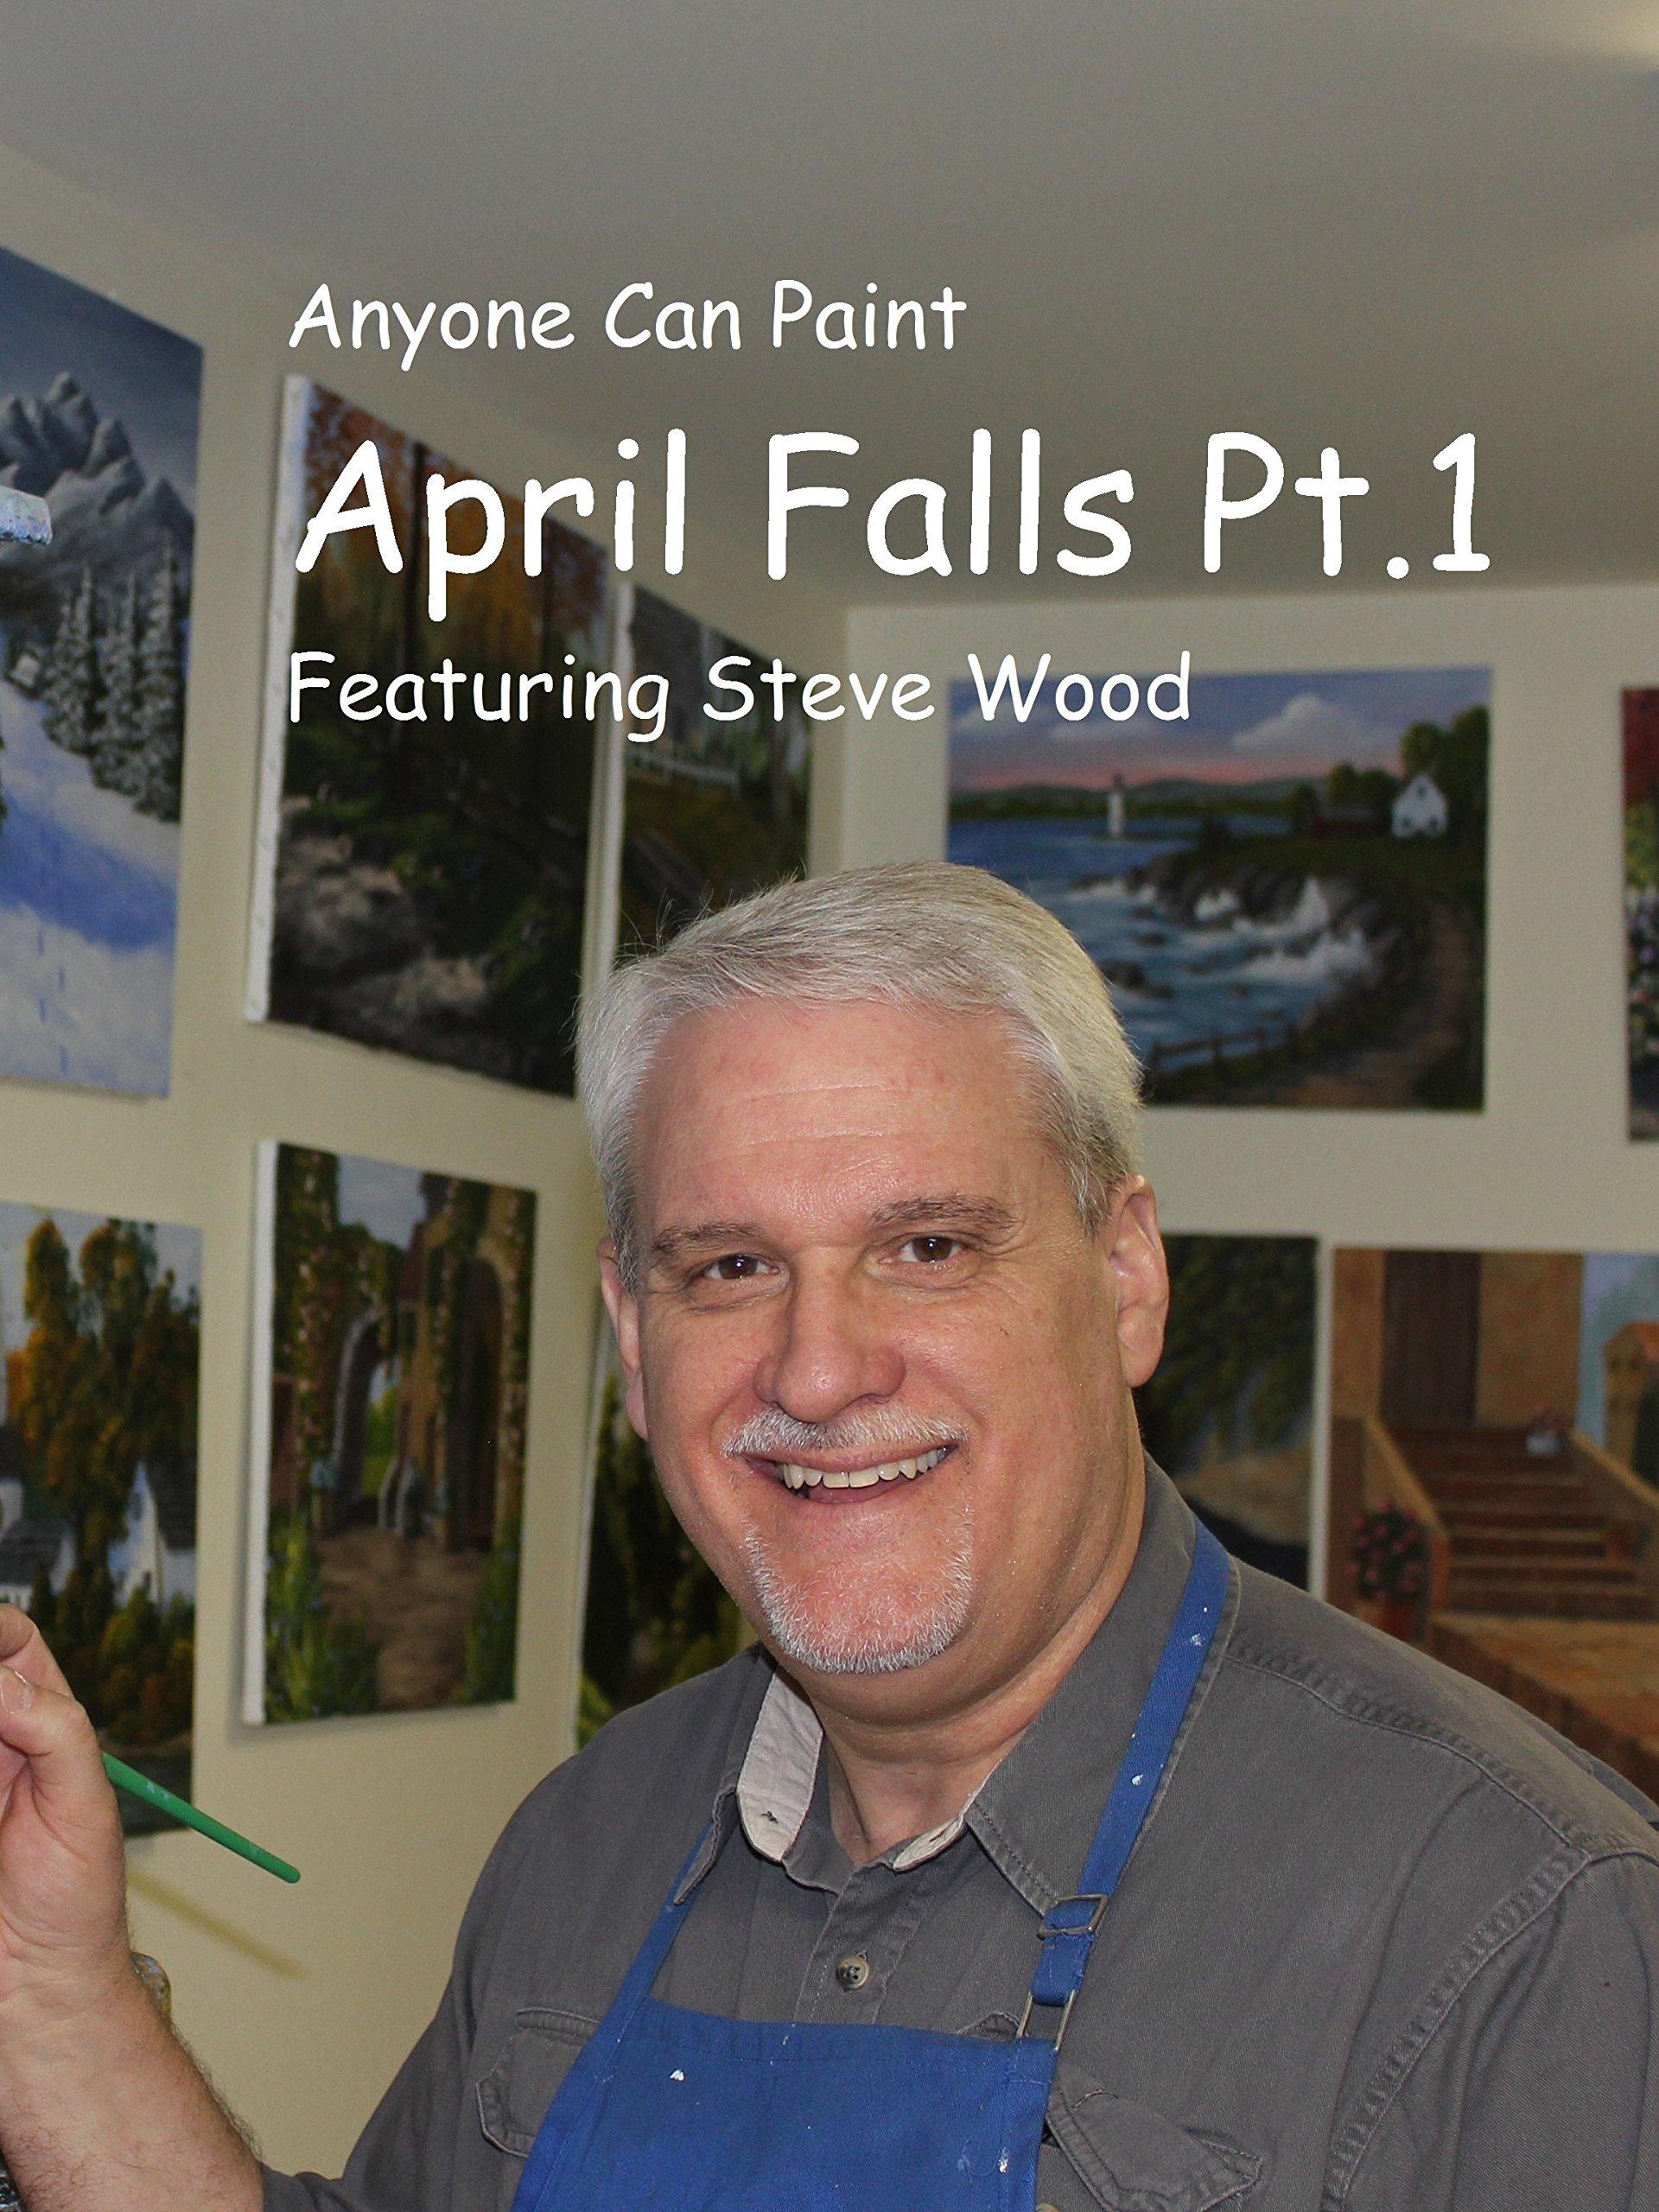 April Falls episode 1